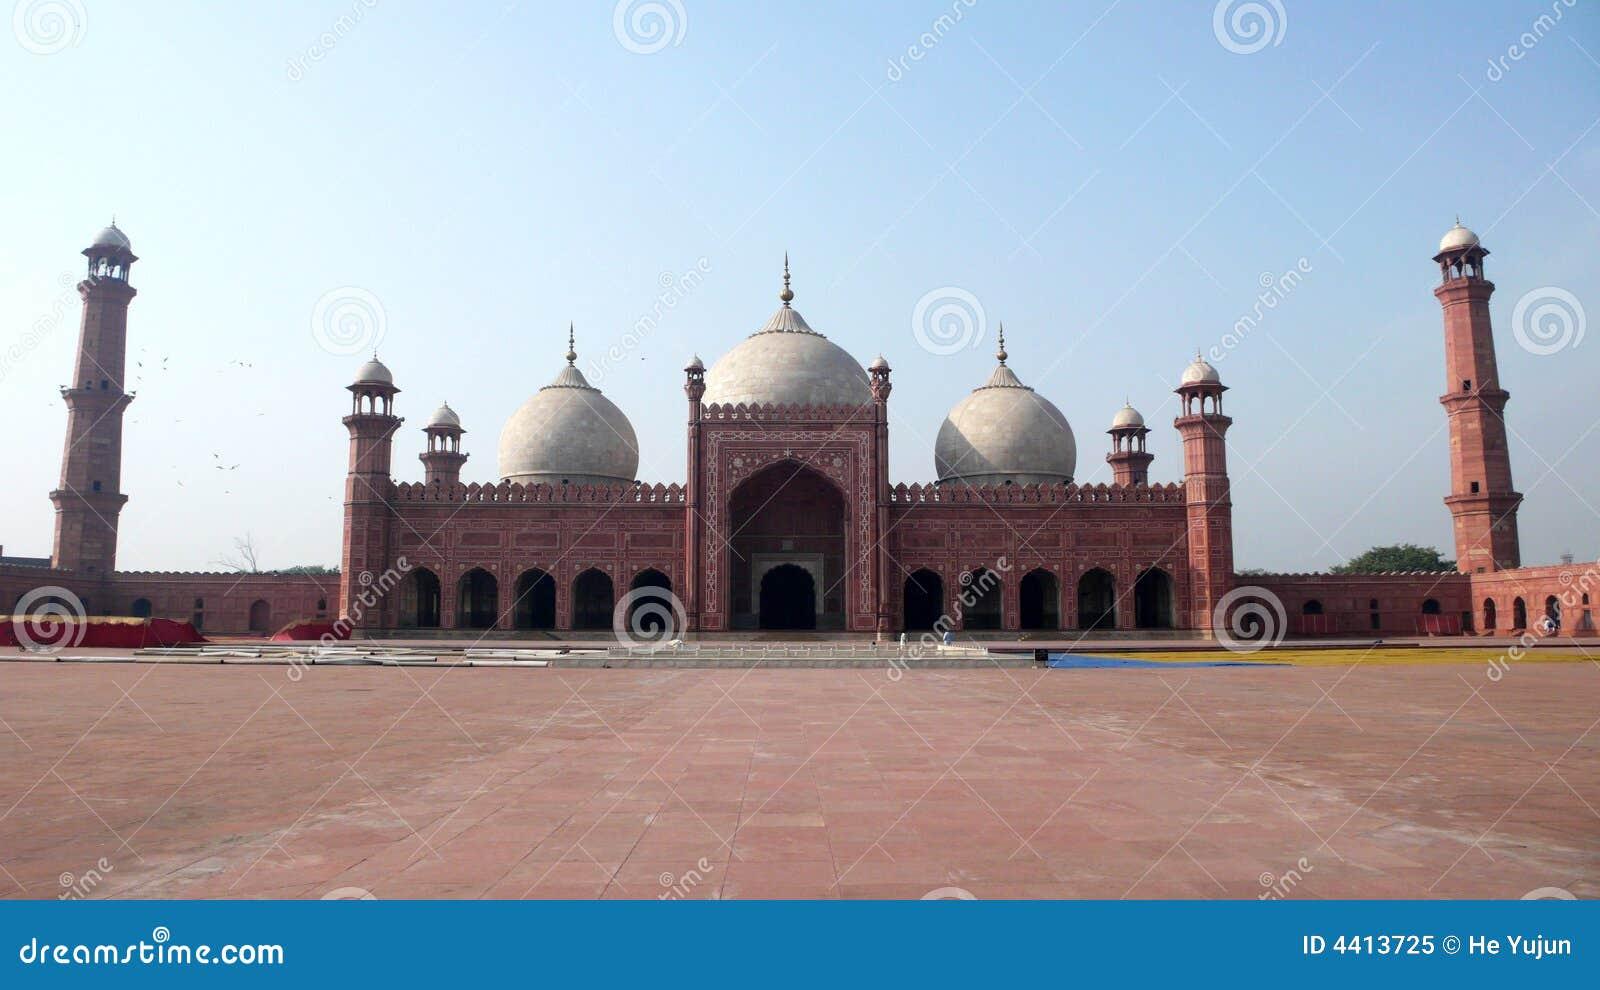 Badshahi masjid stock image  Image of architecture, lahore - 4413725